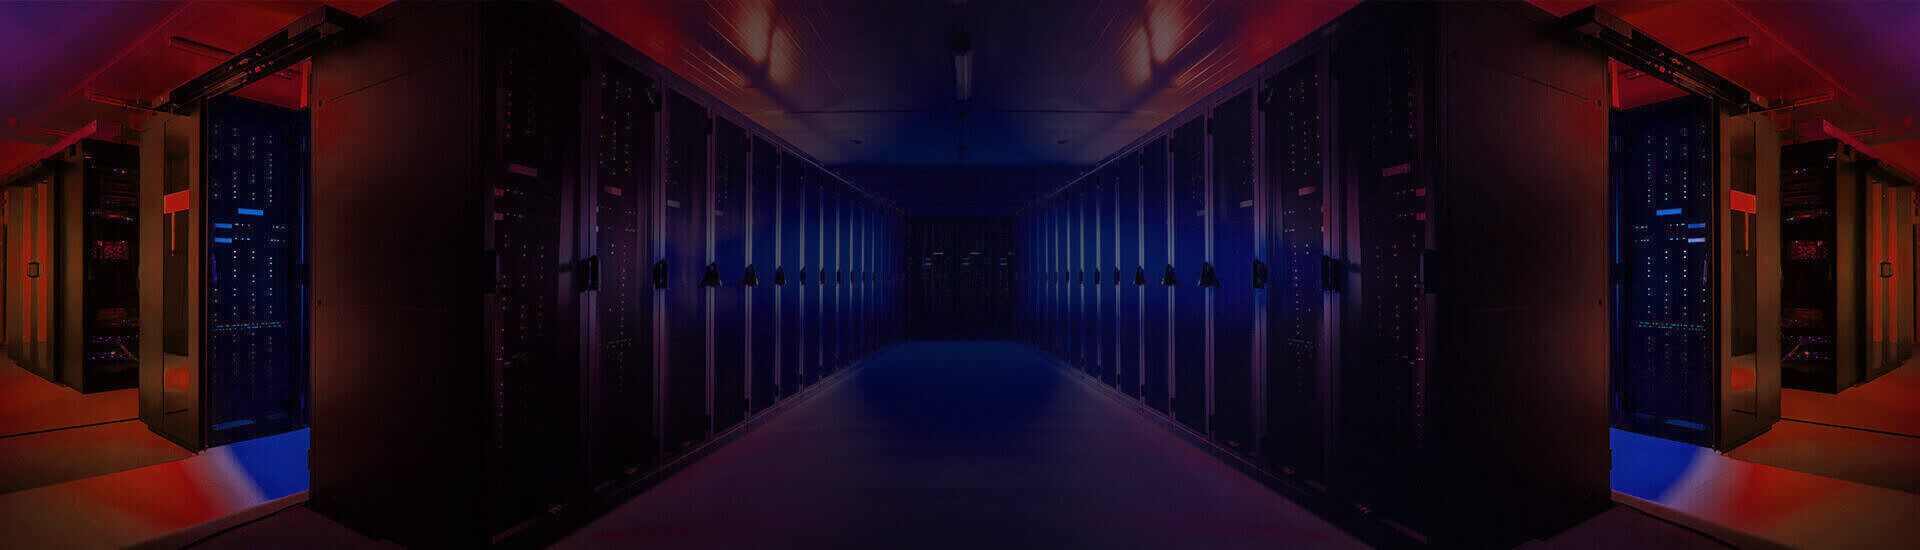 showcase-slide-server-room